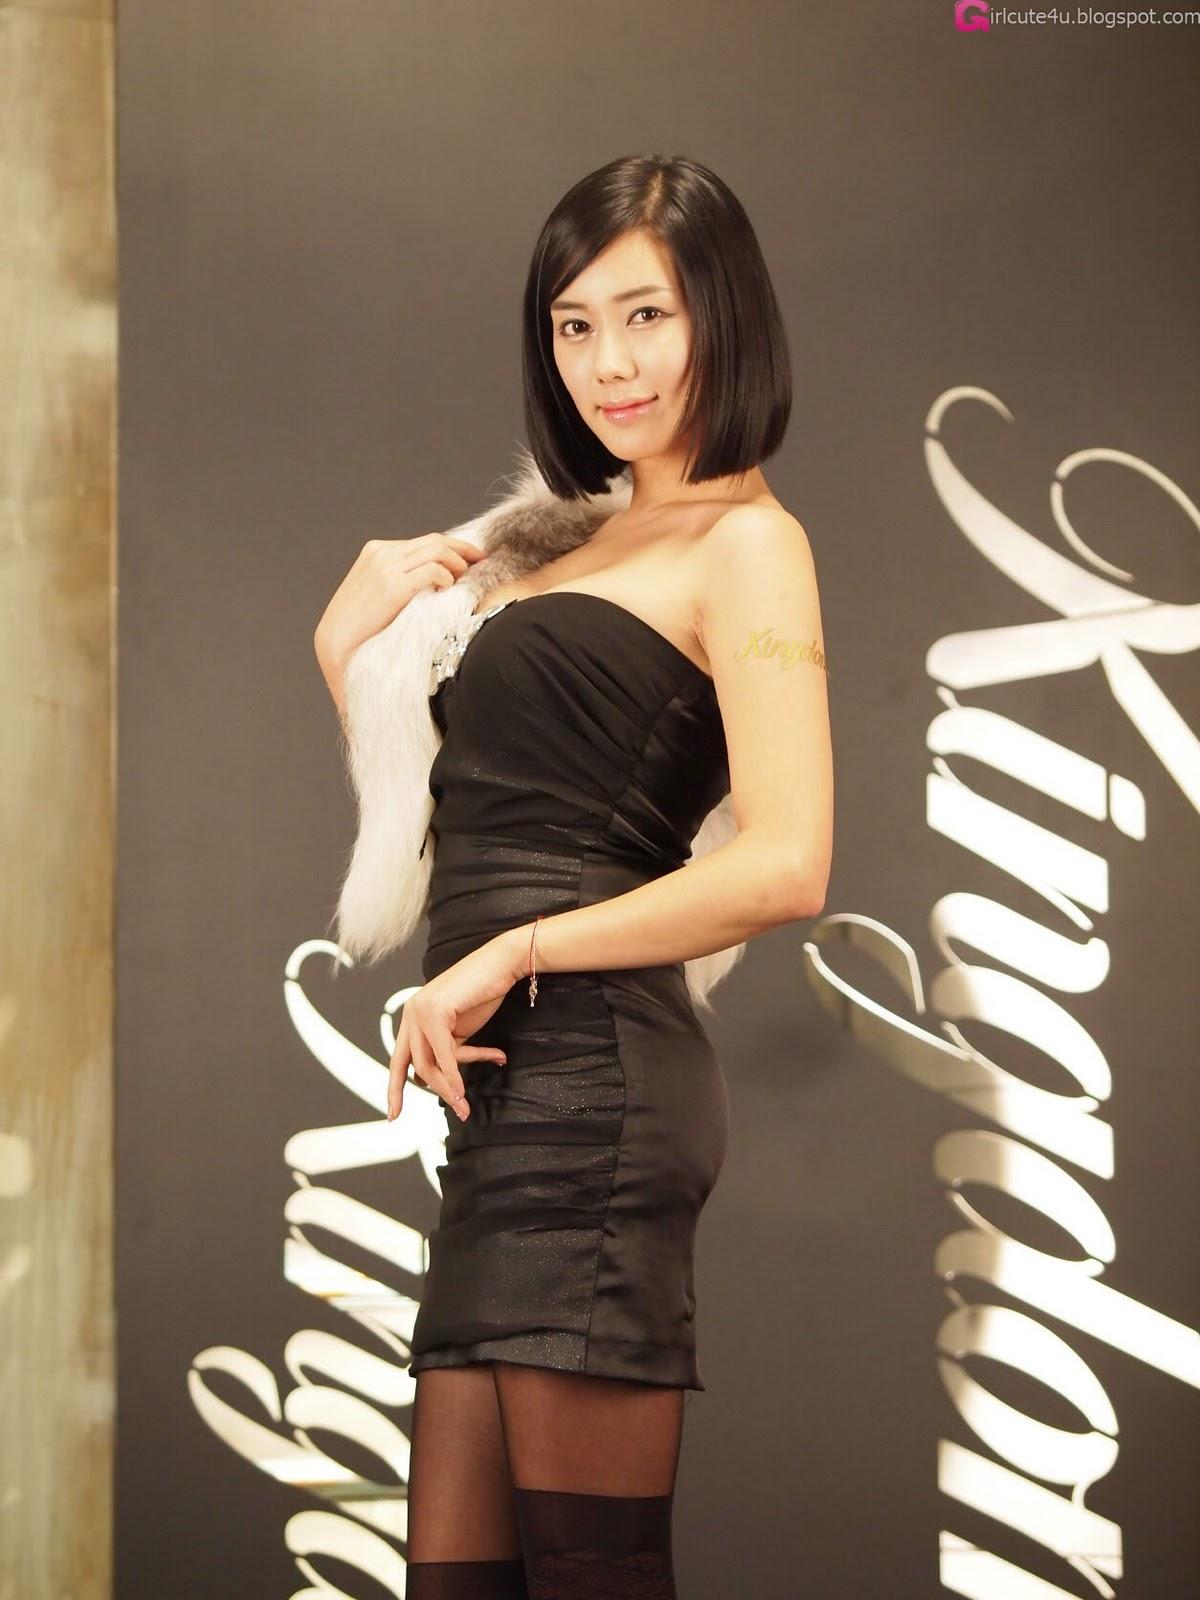 xxx nude girls: Kim Ha Yul for Kingdom Whisky